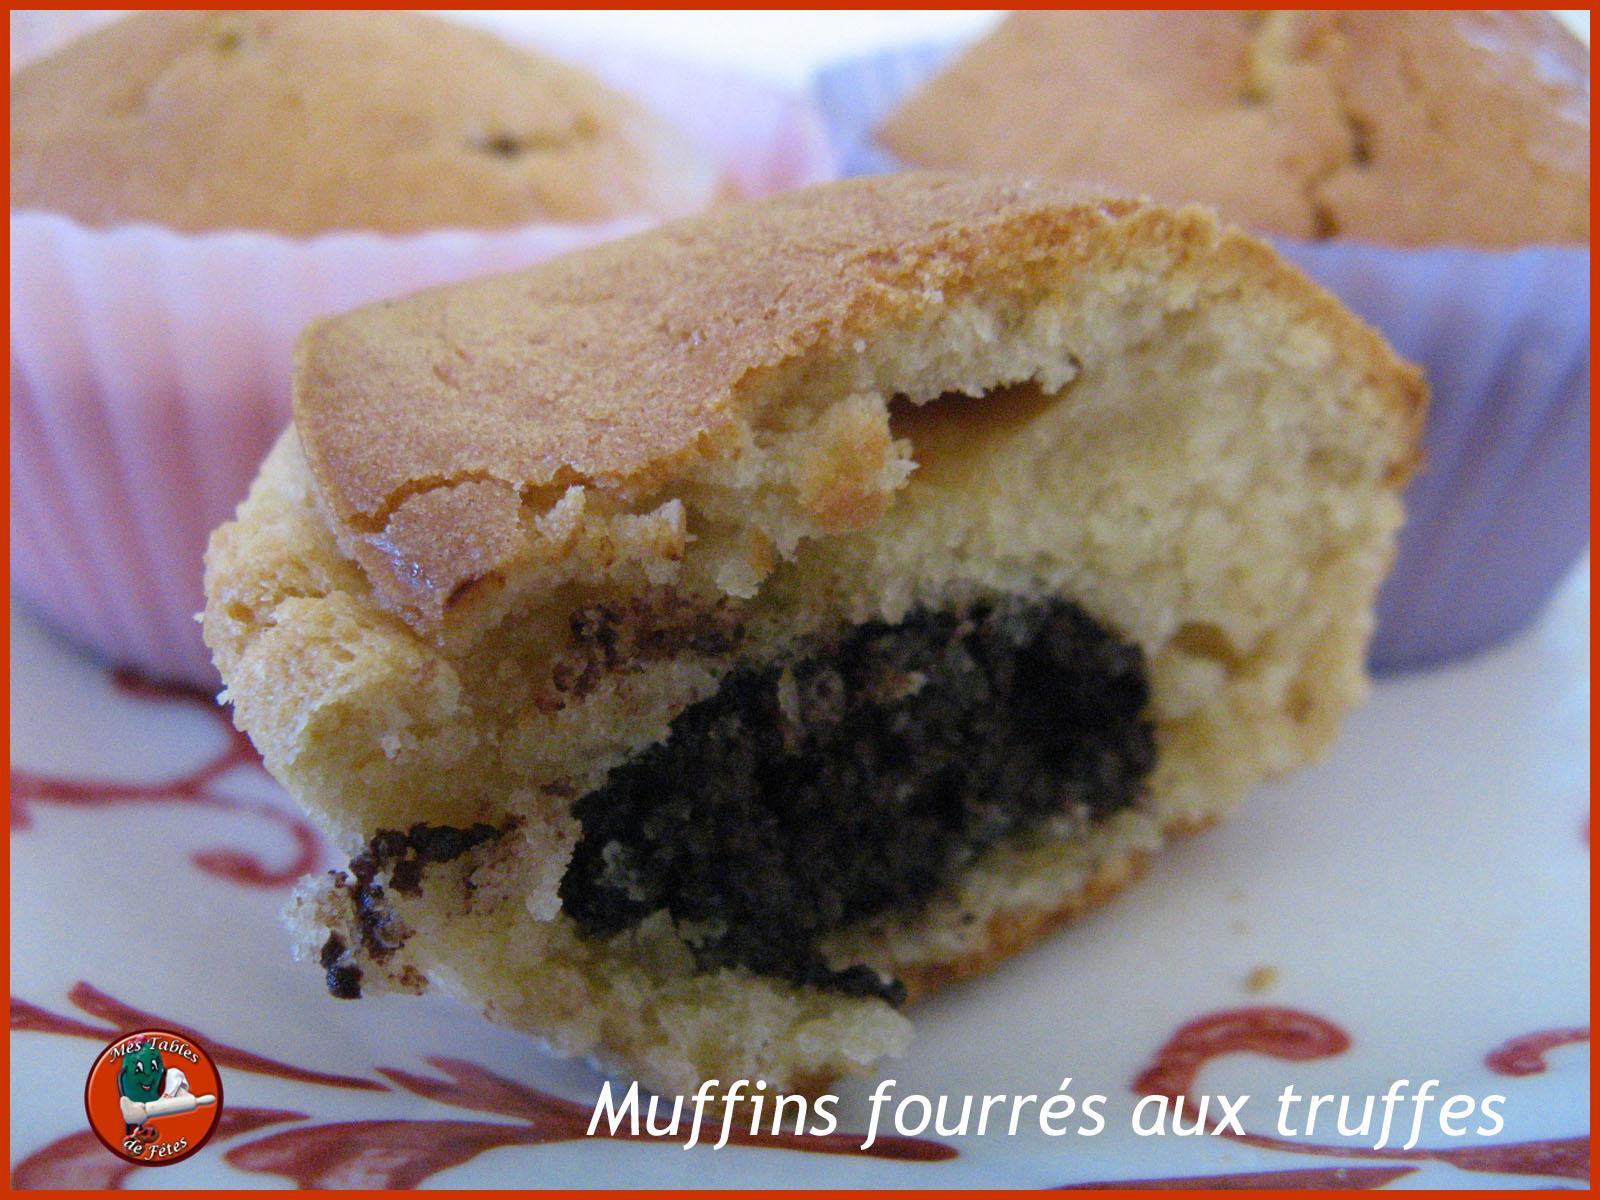 Muffins fourrés, indécent recyclage de Noël